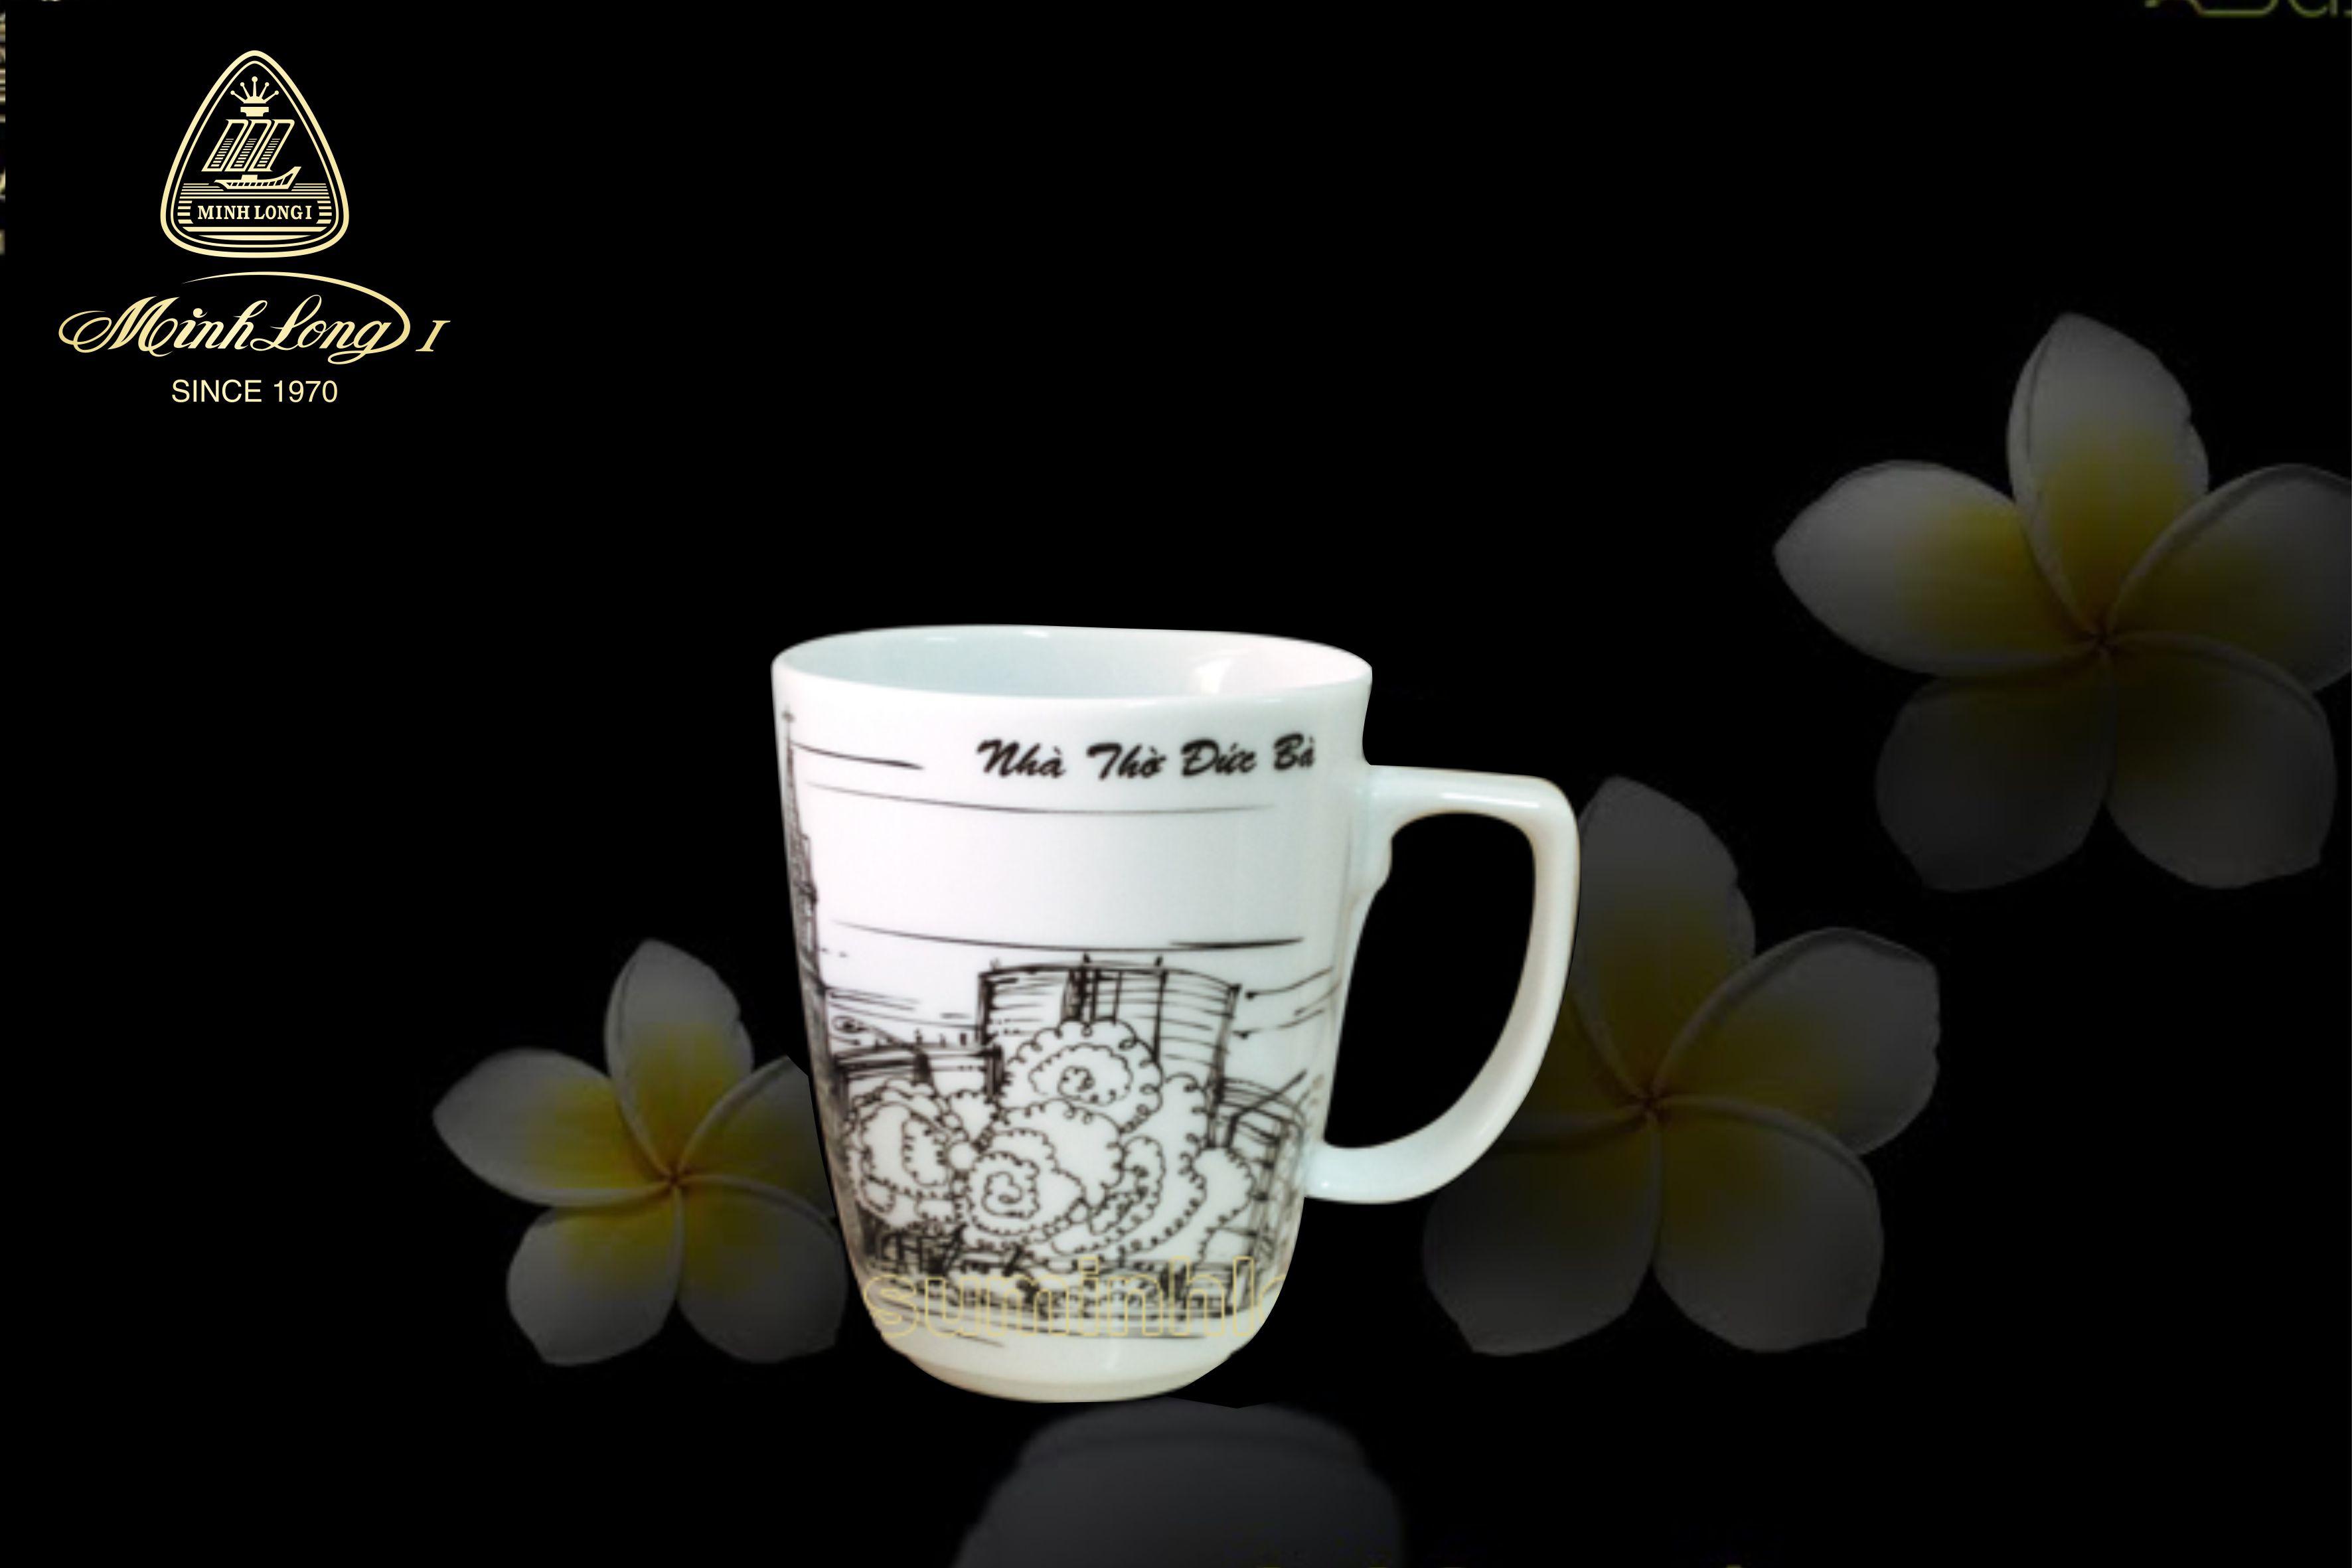 Ca trà 0.36L Vuông T Nhà thờ Đức Bà 153635065 Minh Long